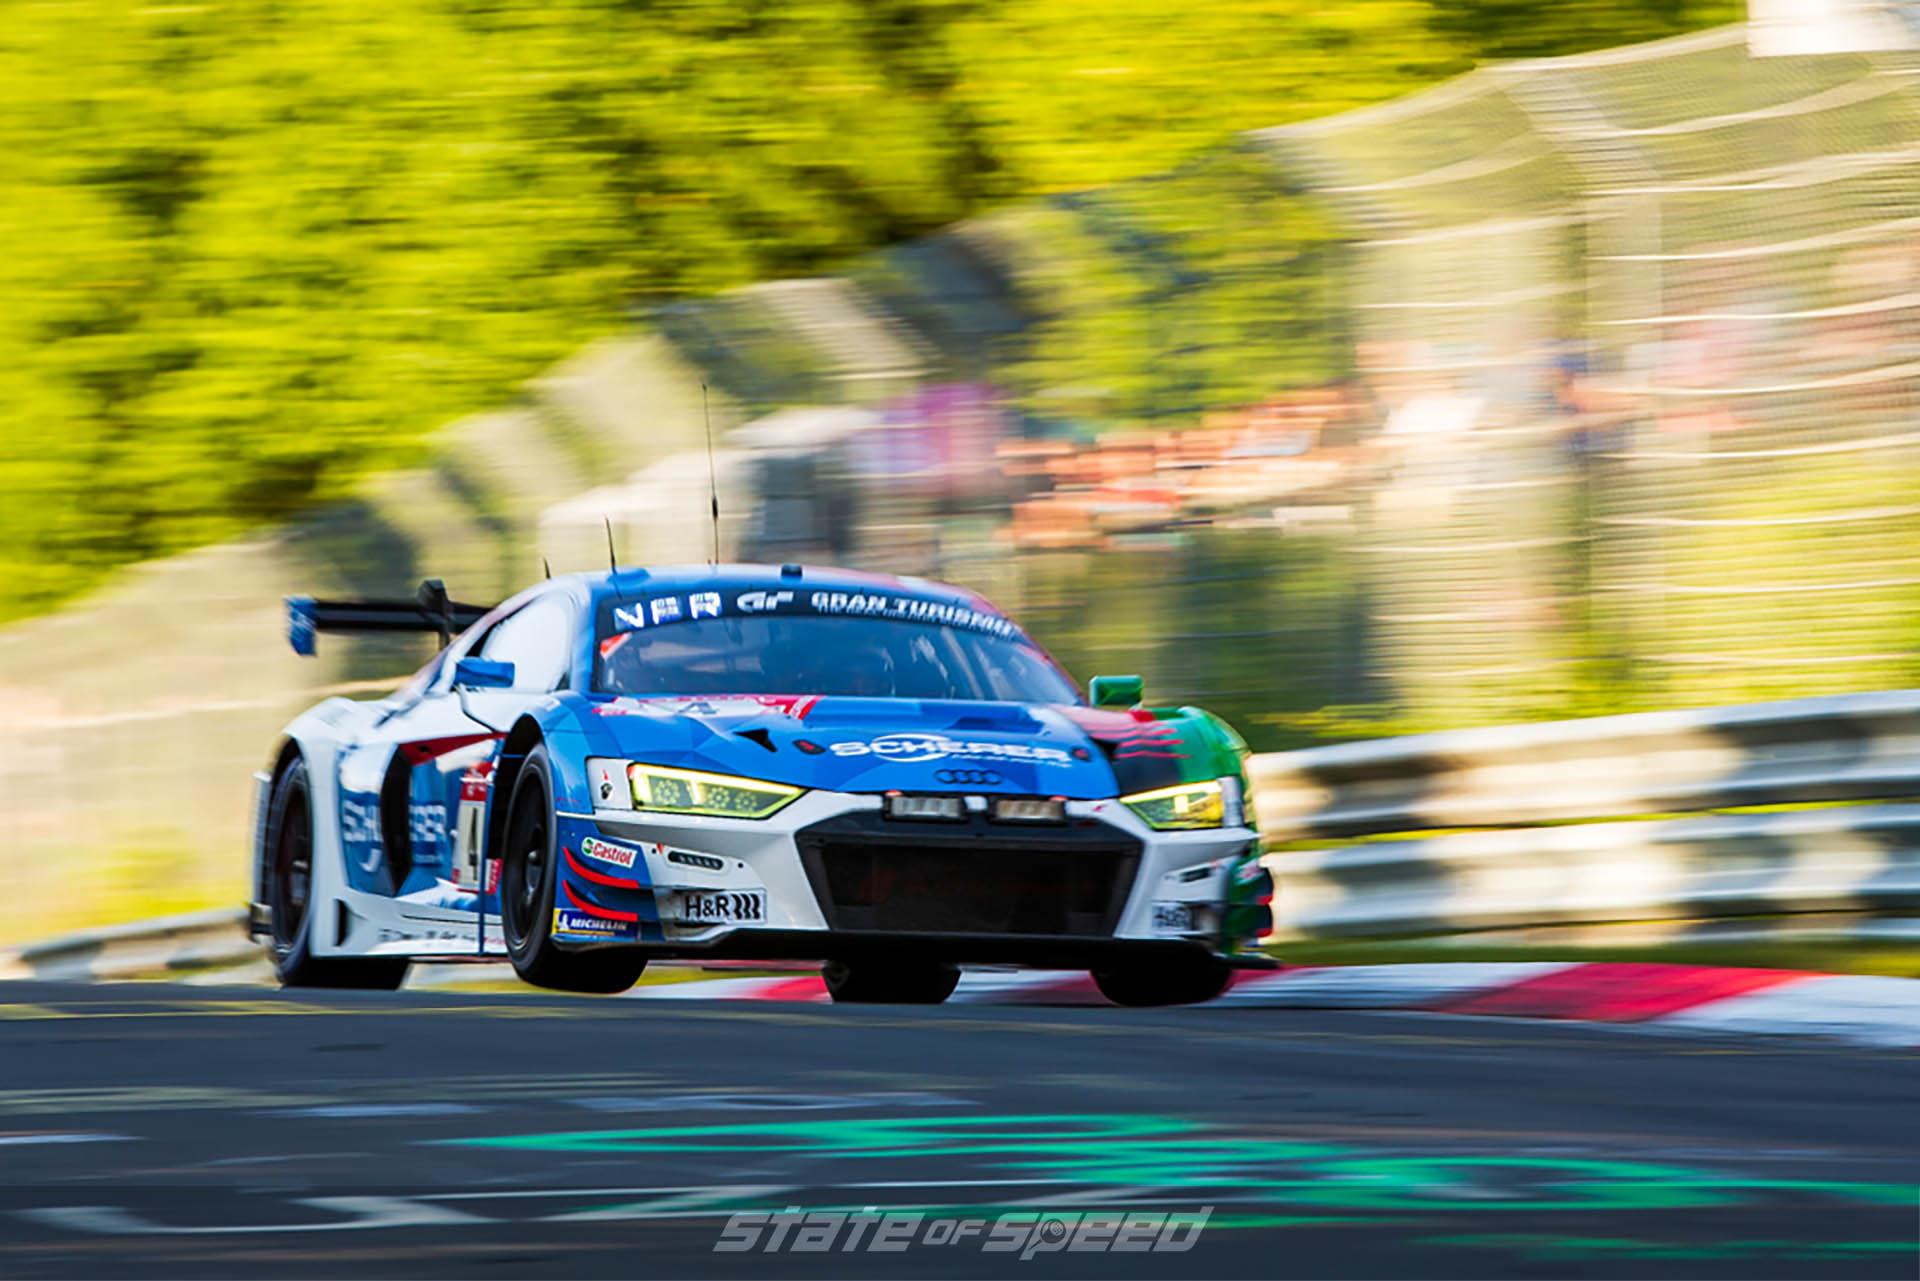 Audi R8 LMS at Nurburgring getting air